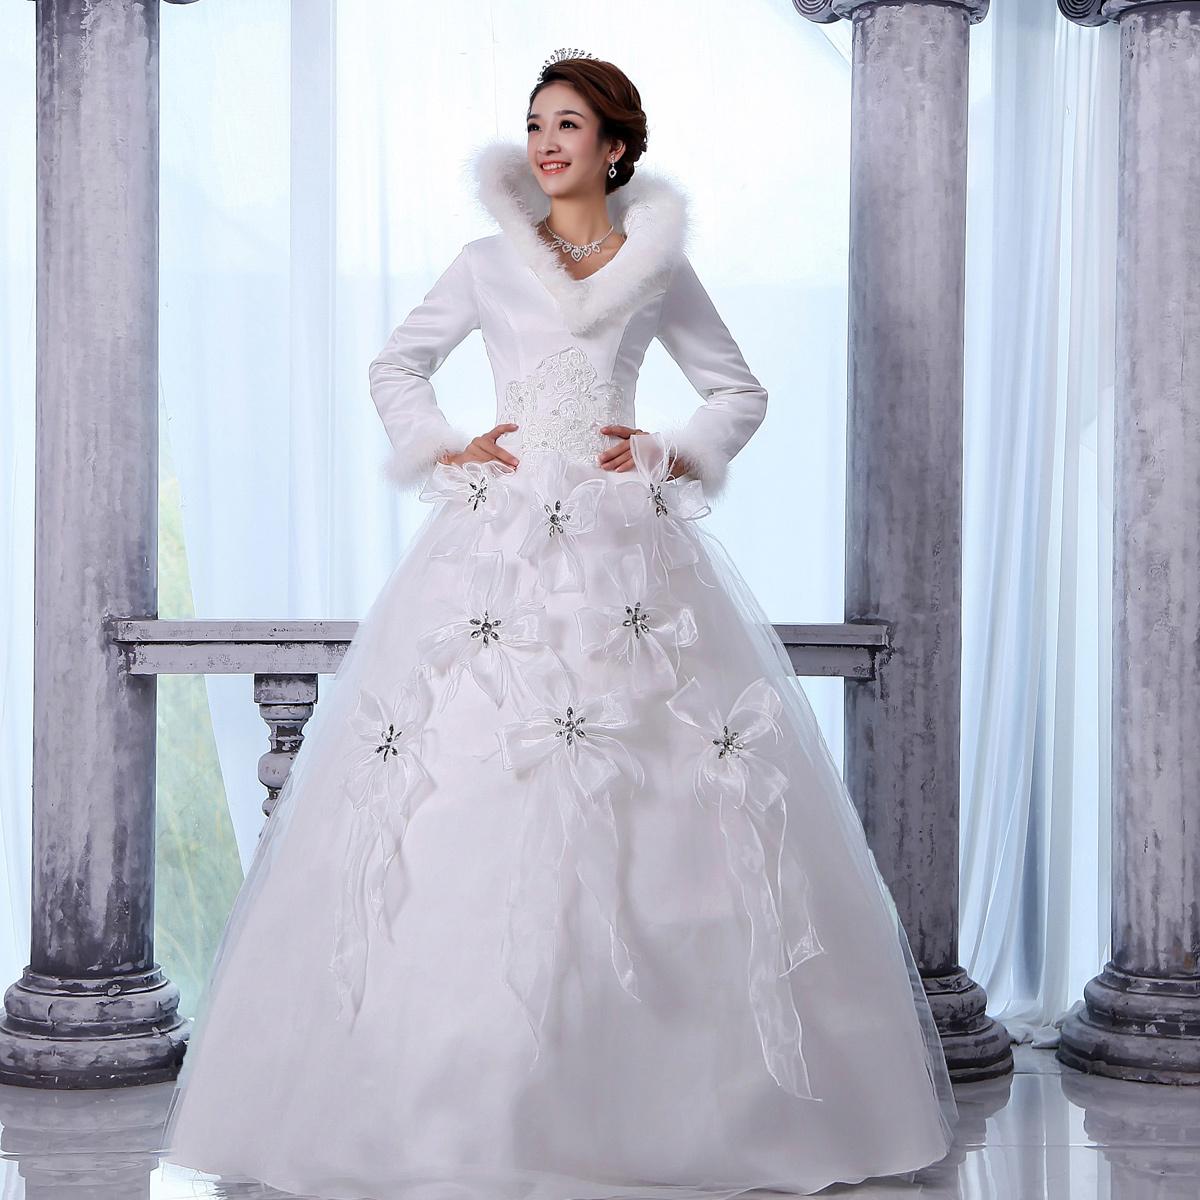 冬季结婚穿什么婚纱_冬天穿什么婚纱求图片_百度知道